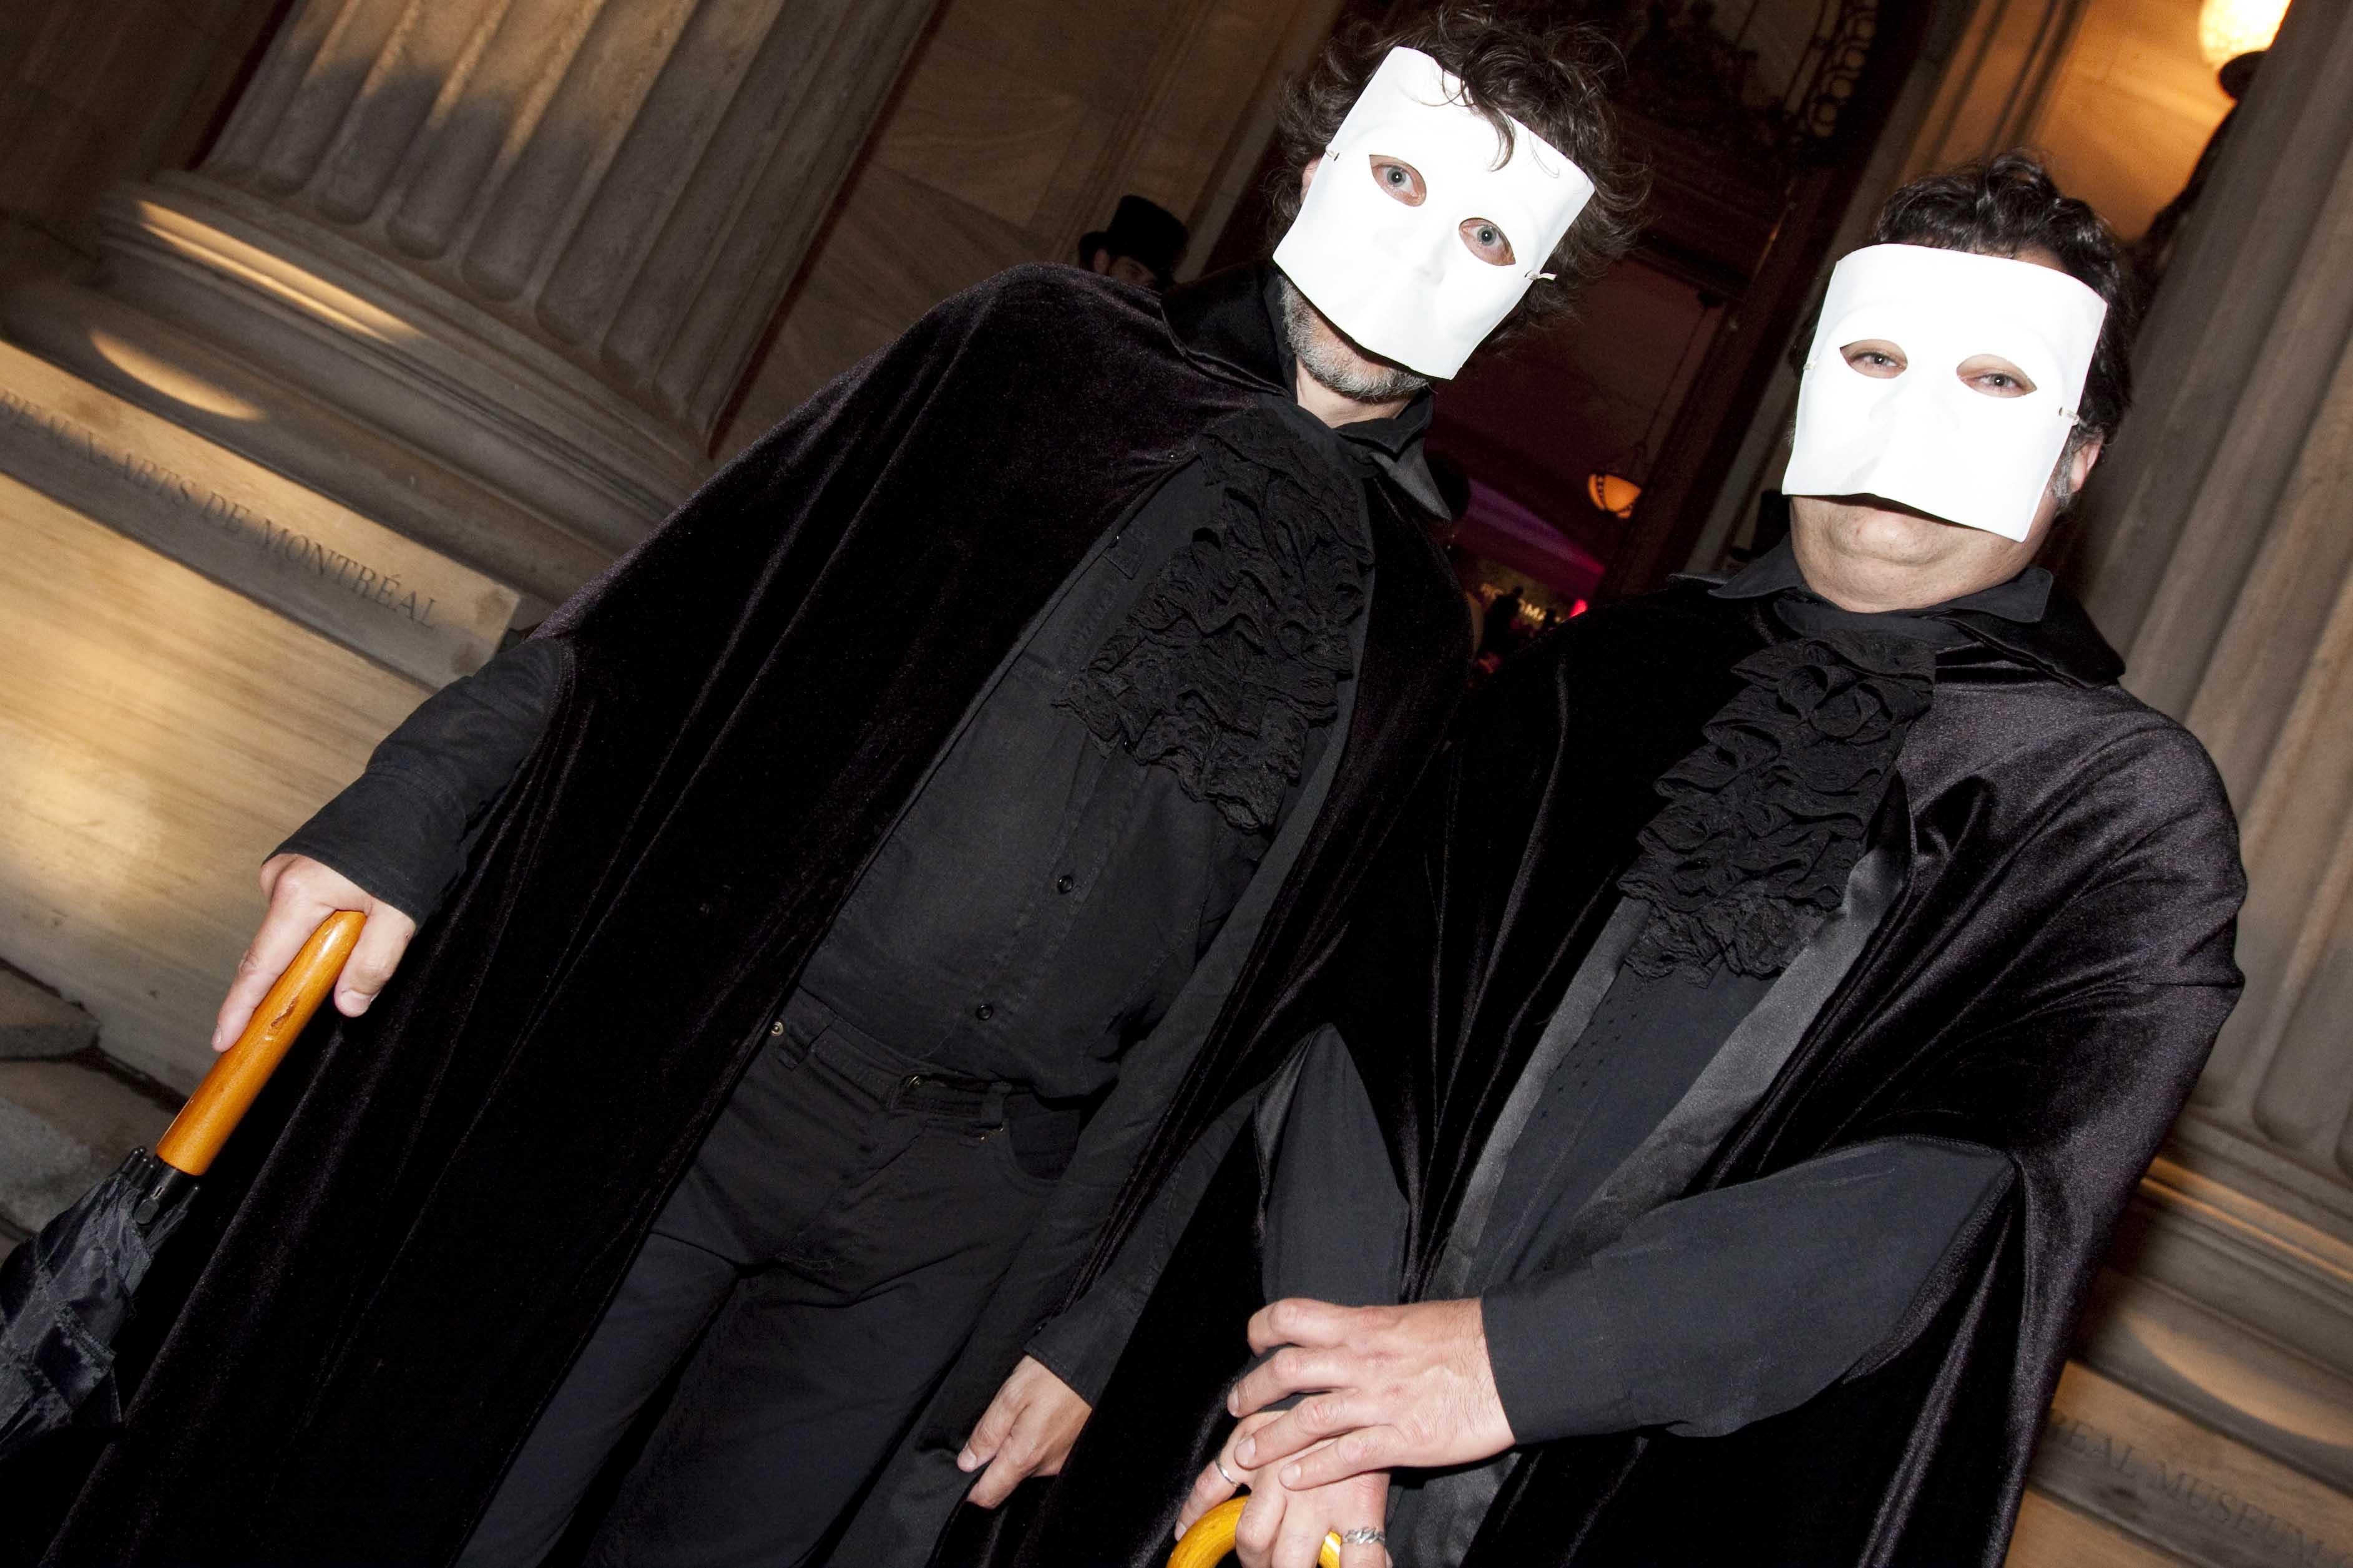 Les Yeux grands ouverts: bal masqué mystérieux au Musée des beaux-arts